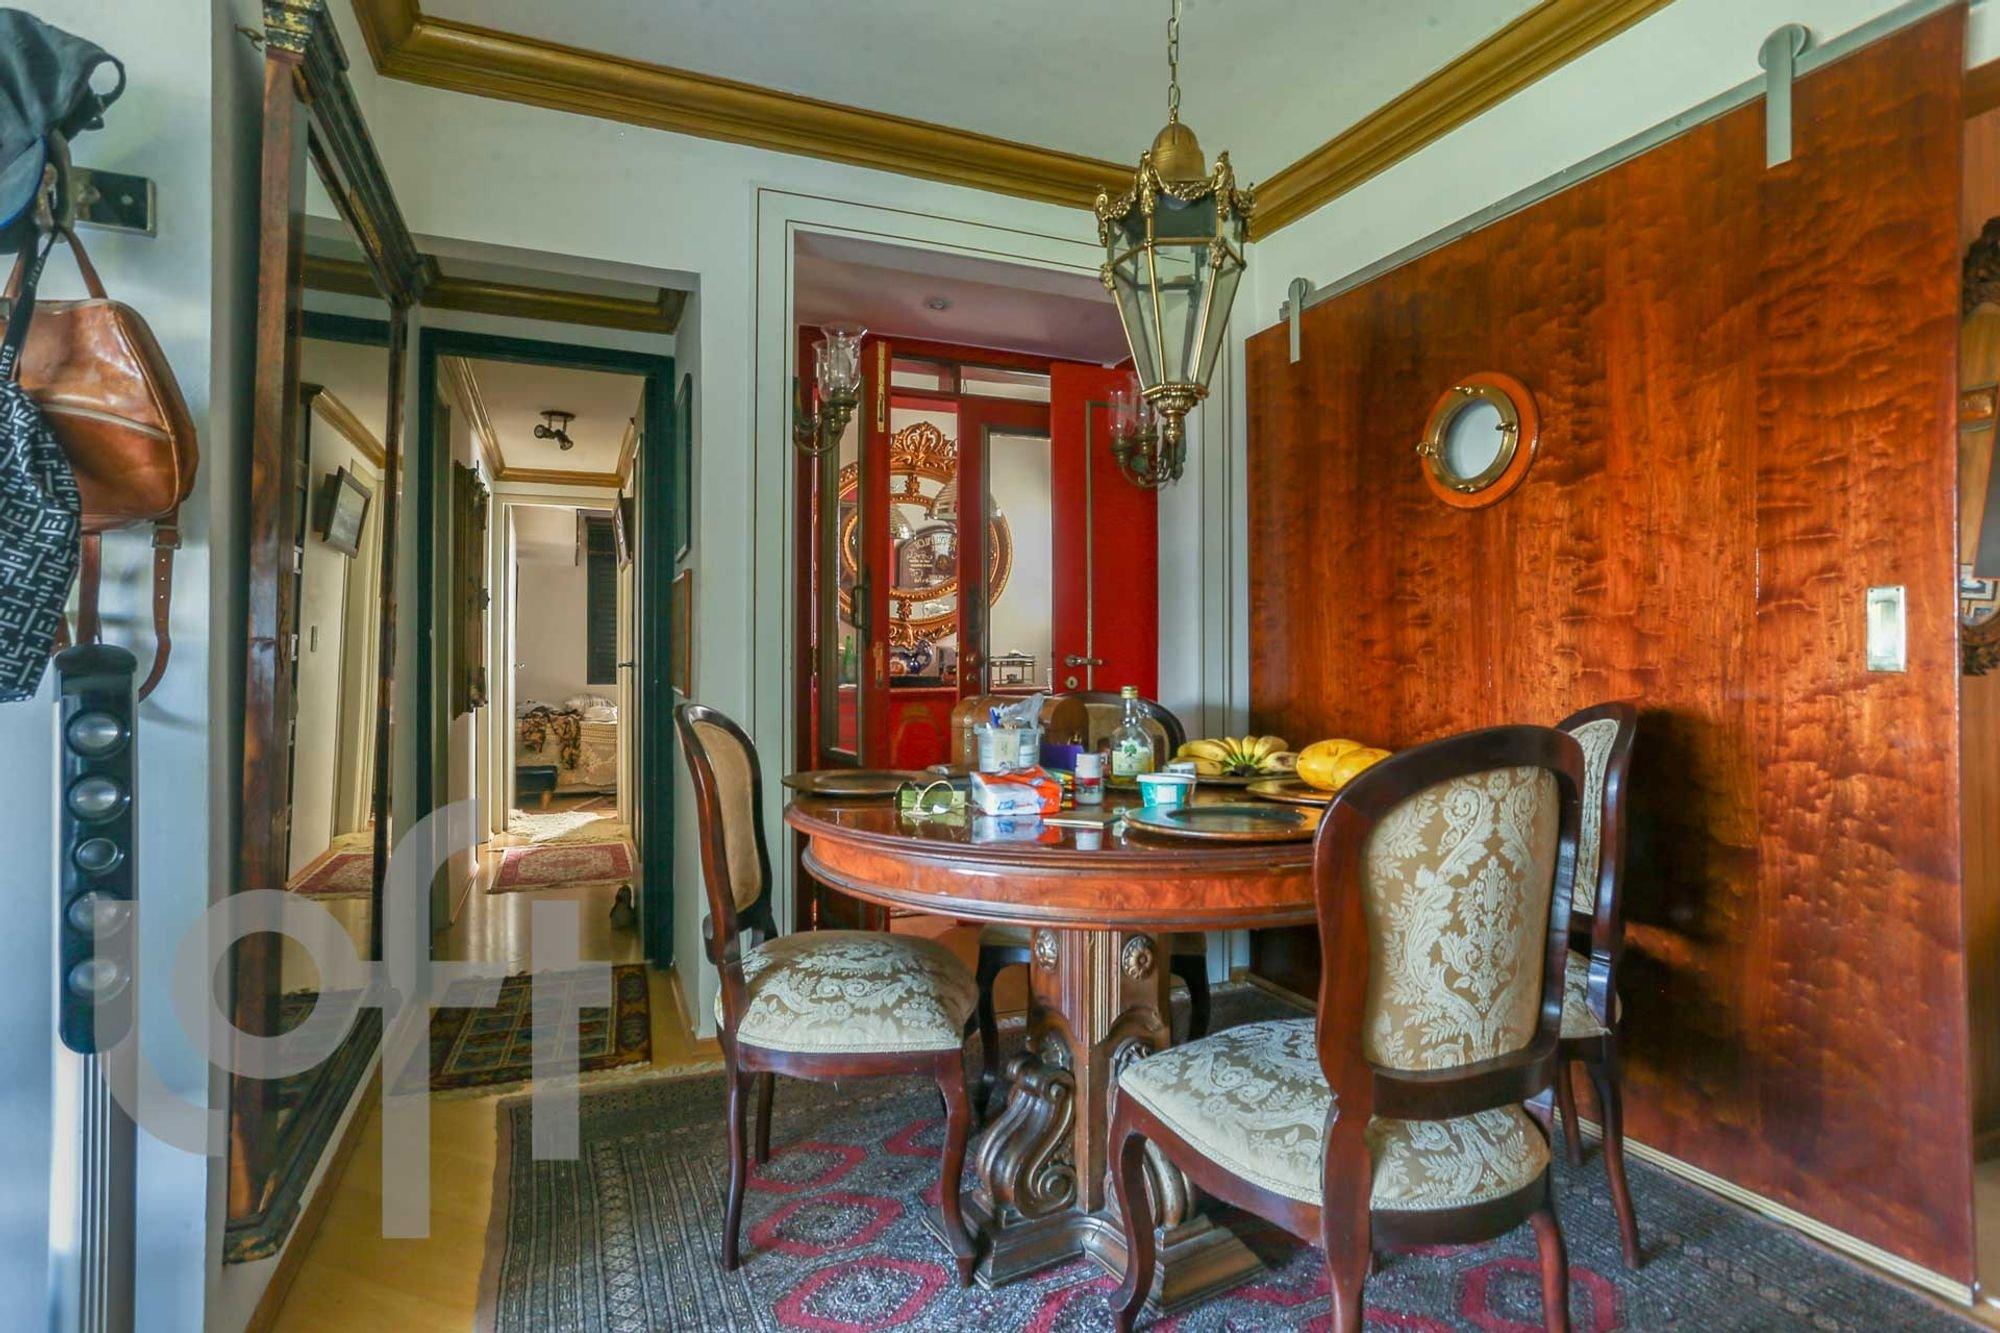 Foto de Hall com bolsa, garrafa, cadeira, xícara